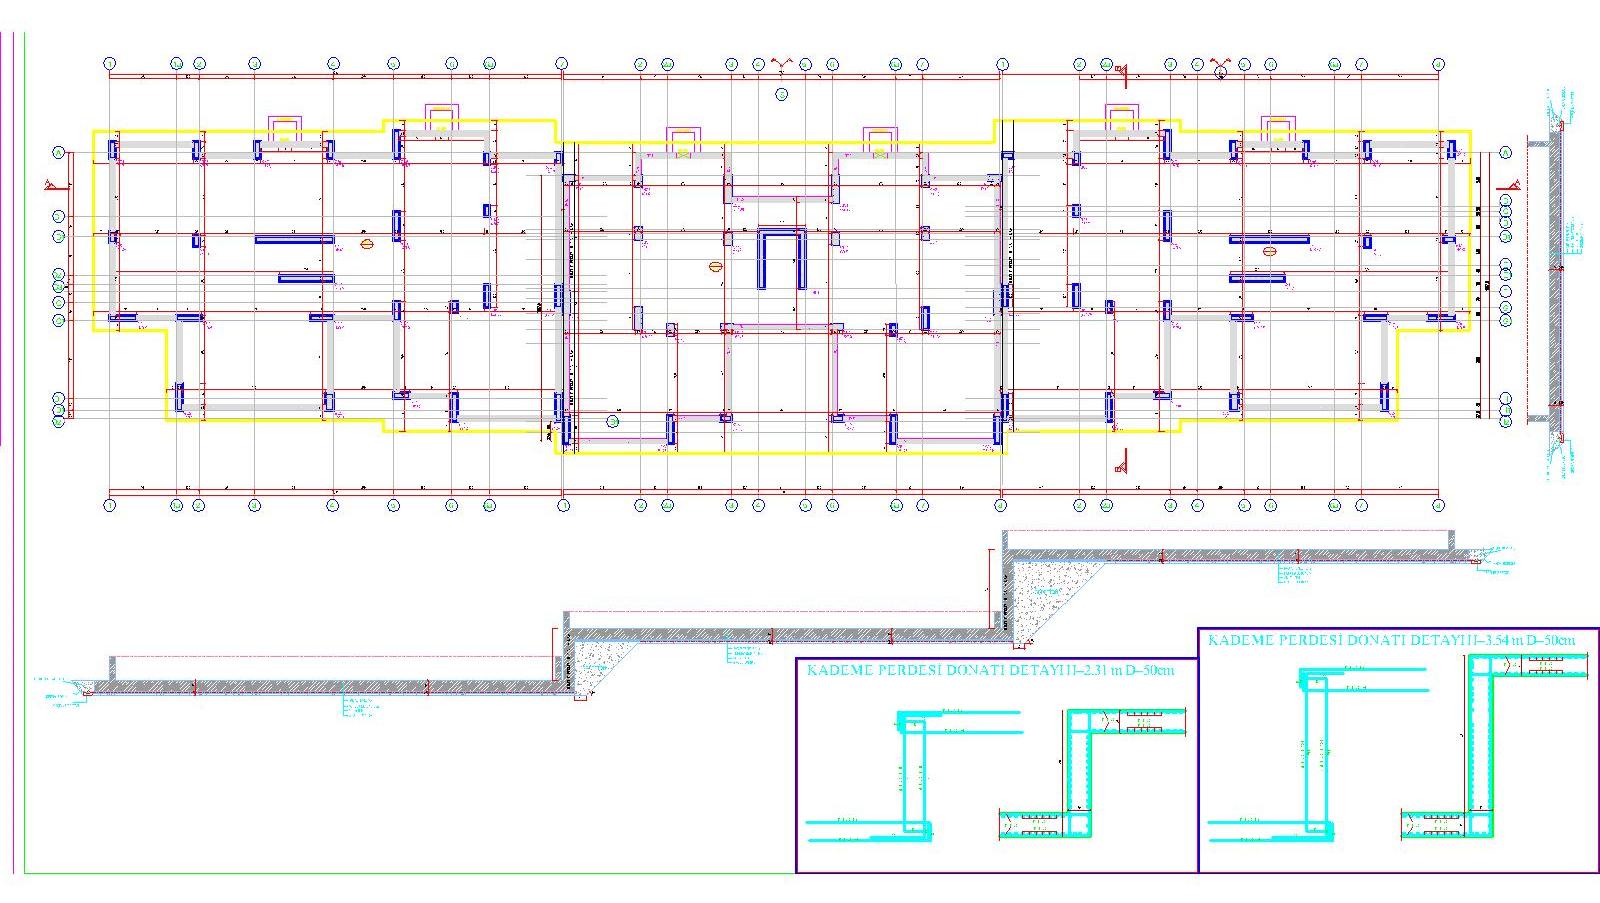 statik-proje-kademeli-ve-birlesik-temel-kesit-ve-detaylar